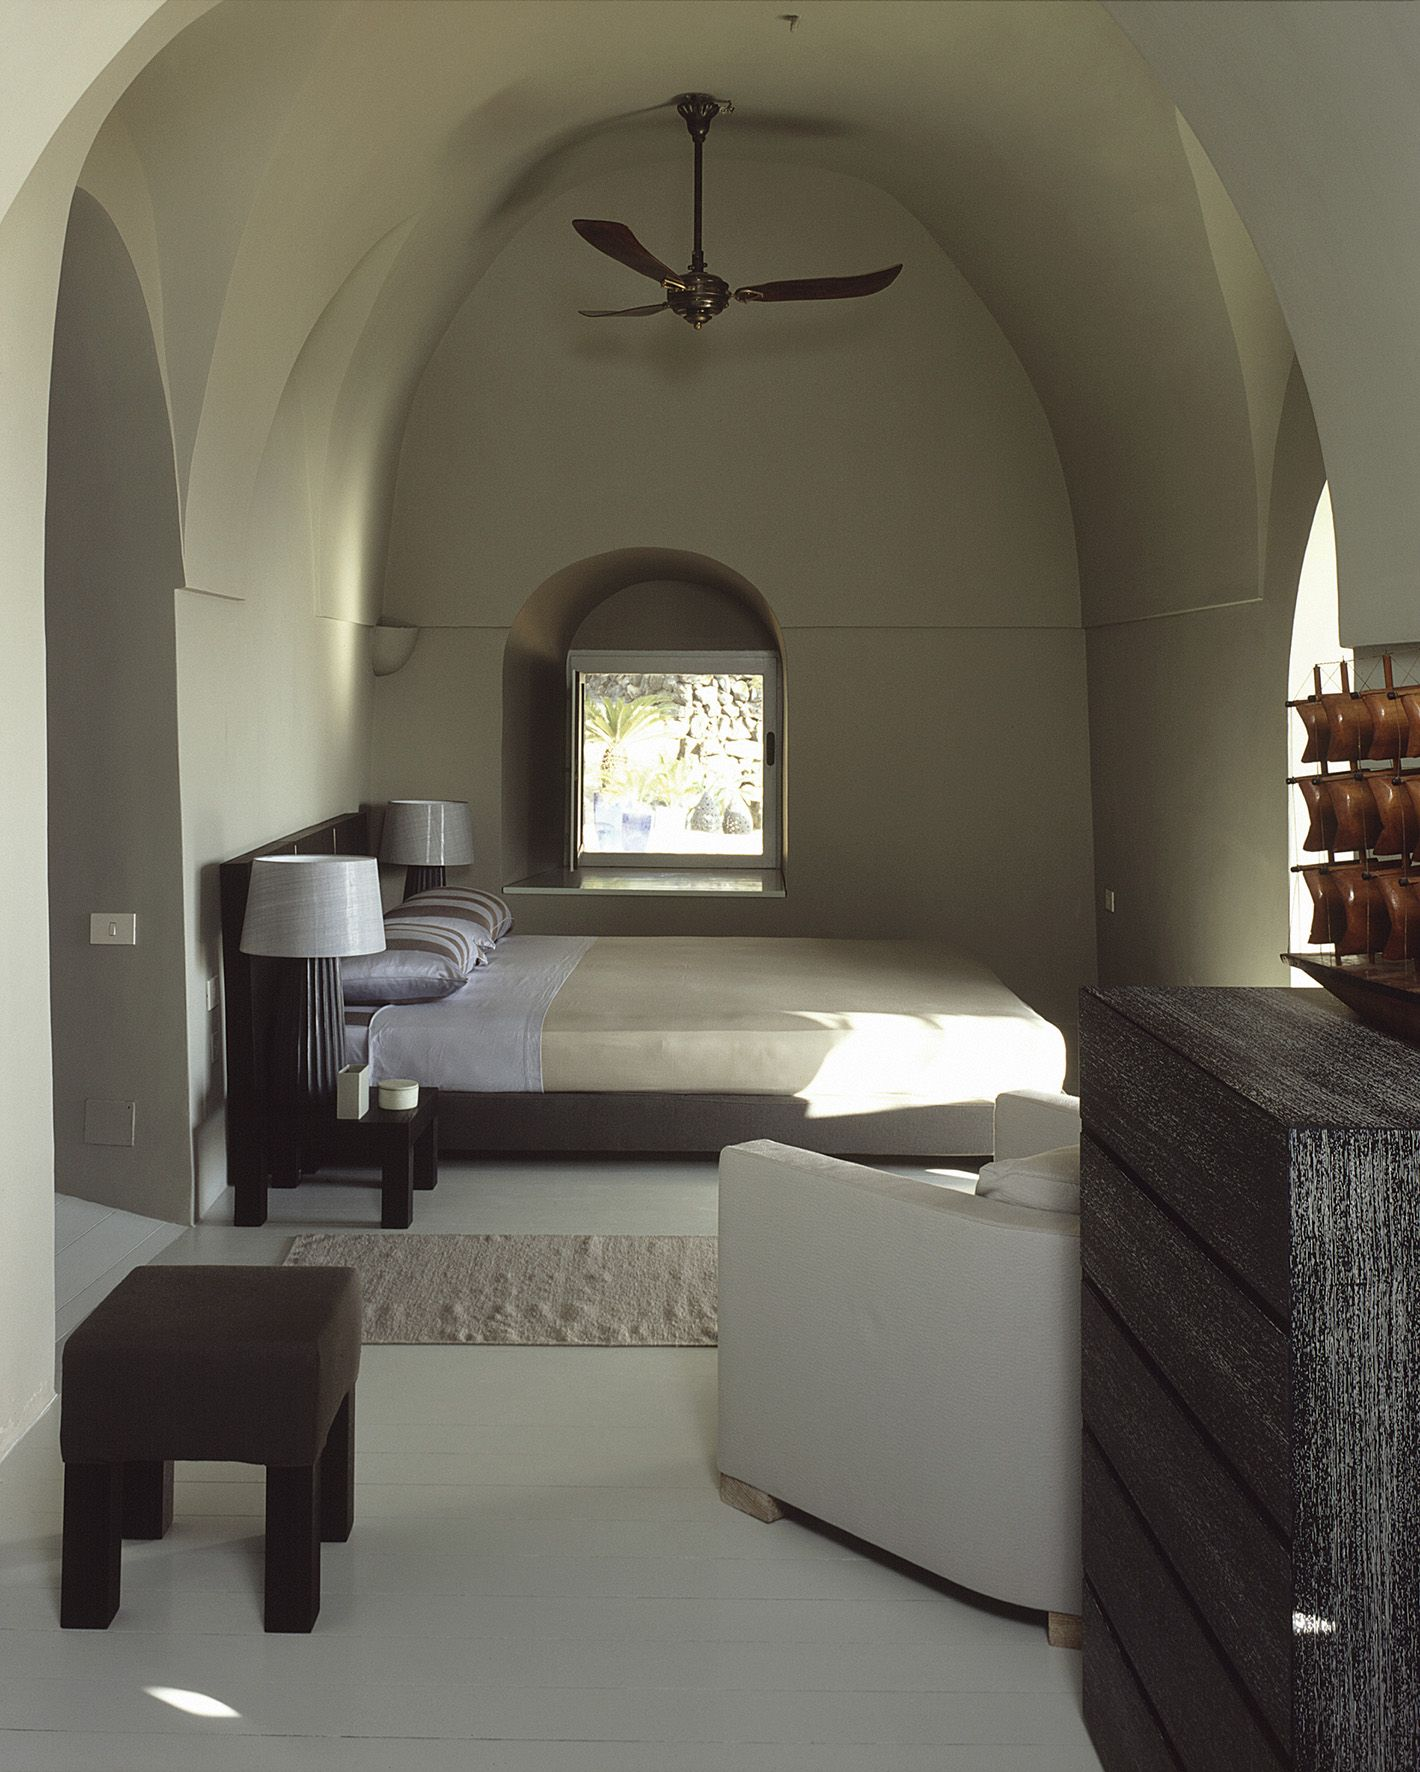 Gabriella giuntoli architetto il dammuso di giorgio armani pantelleria mediterranean architecture mediterranean homes